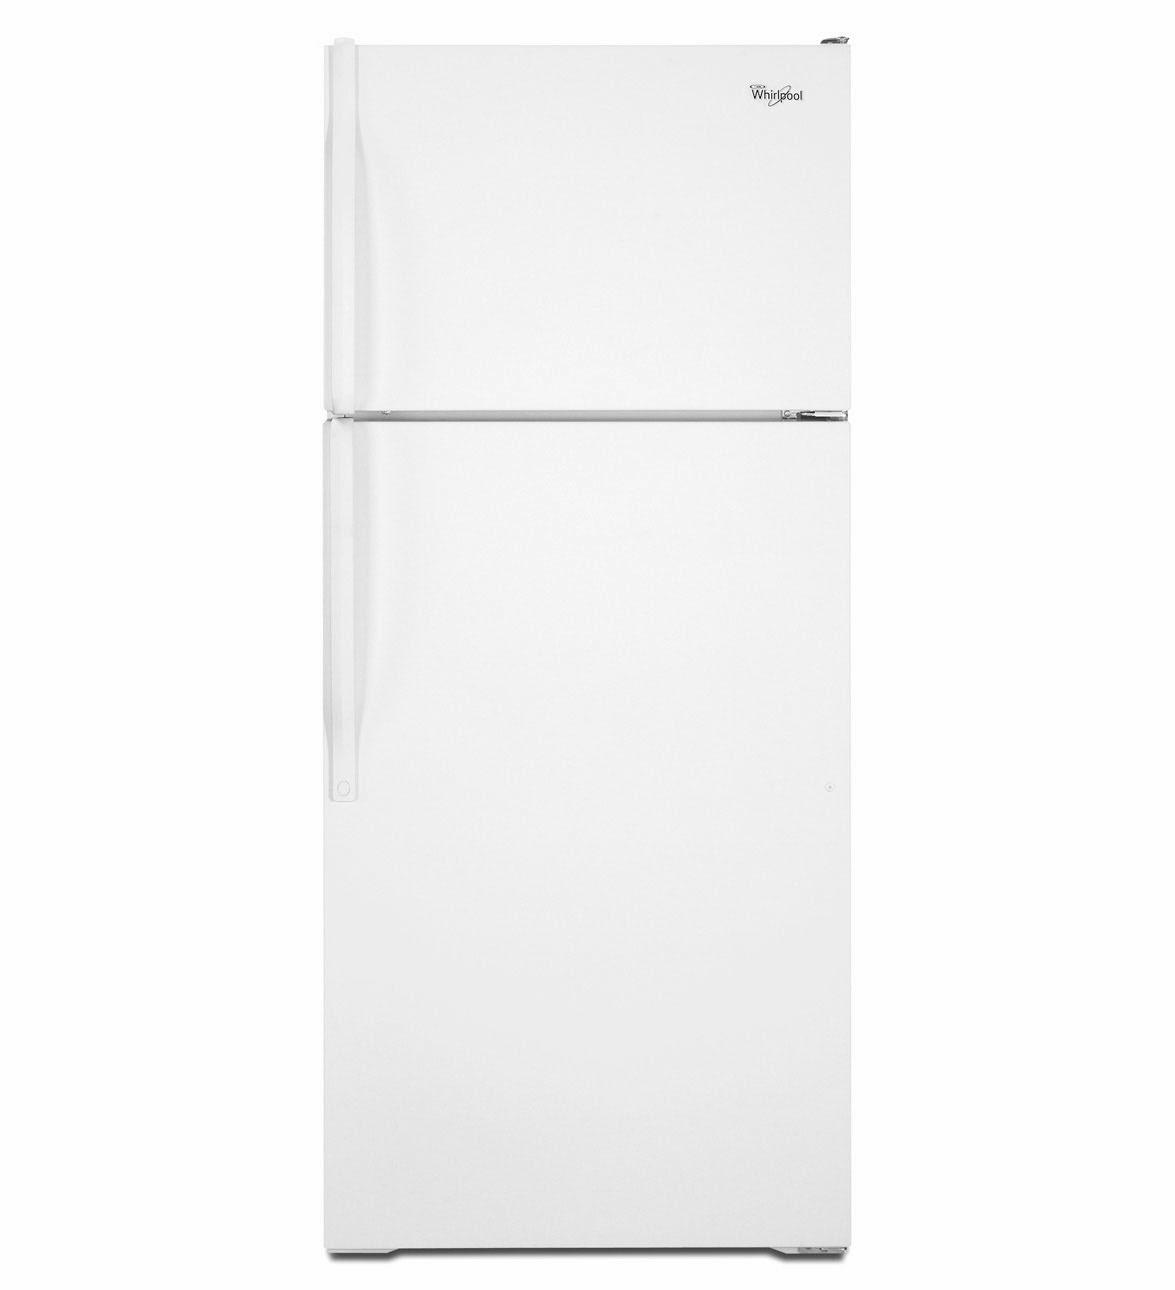 Whirlpool Refrigerator Brand White Top Freezer W4txnwfwq